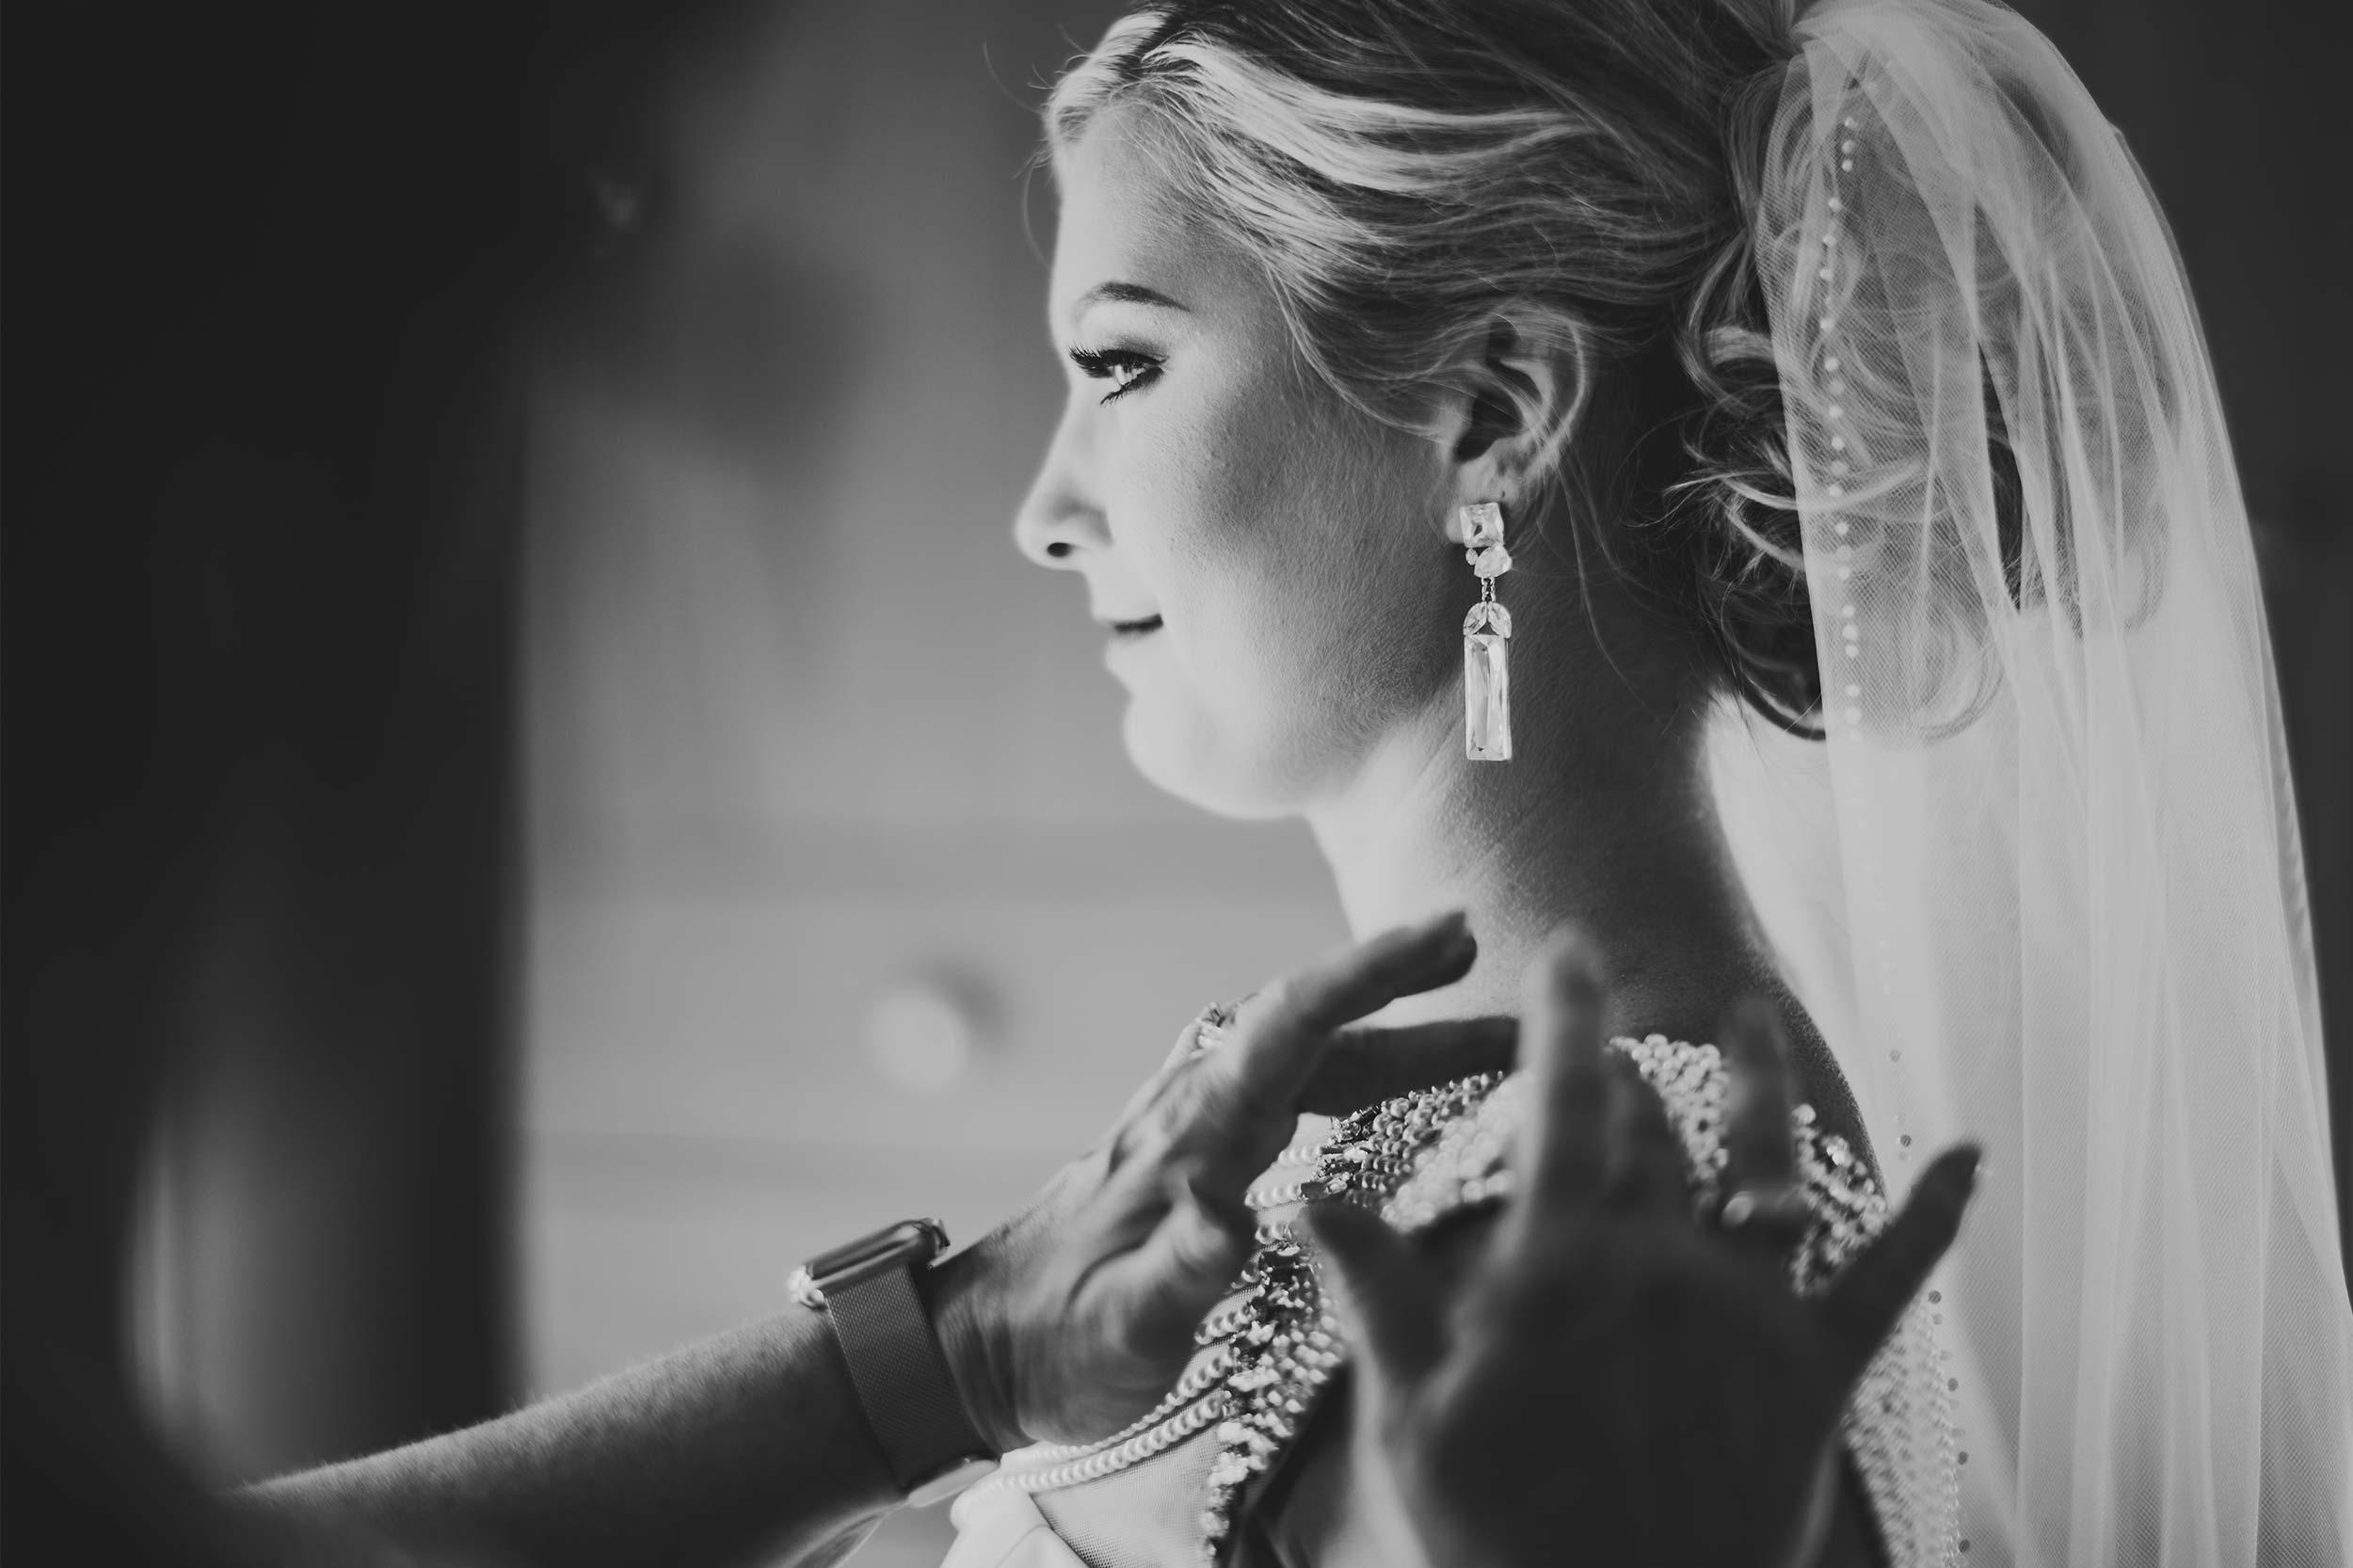 wedding-day-bride-getting-ready.jpg